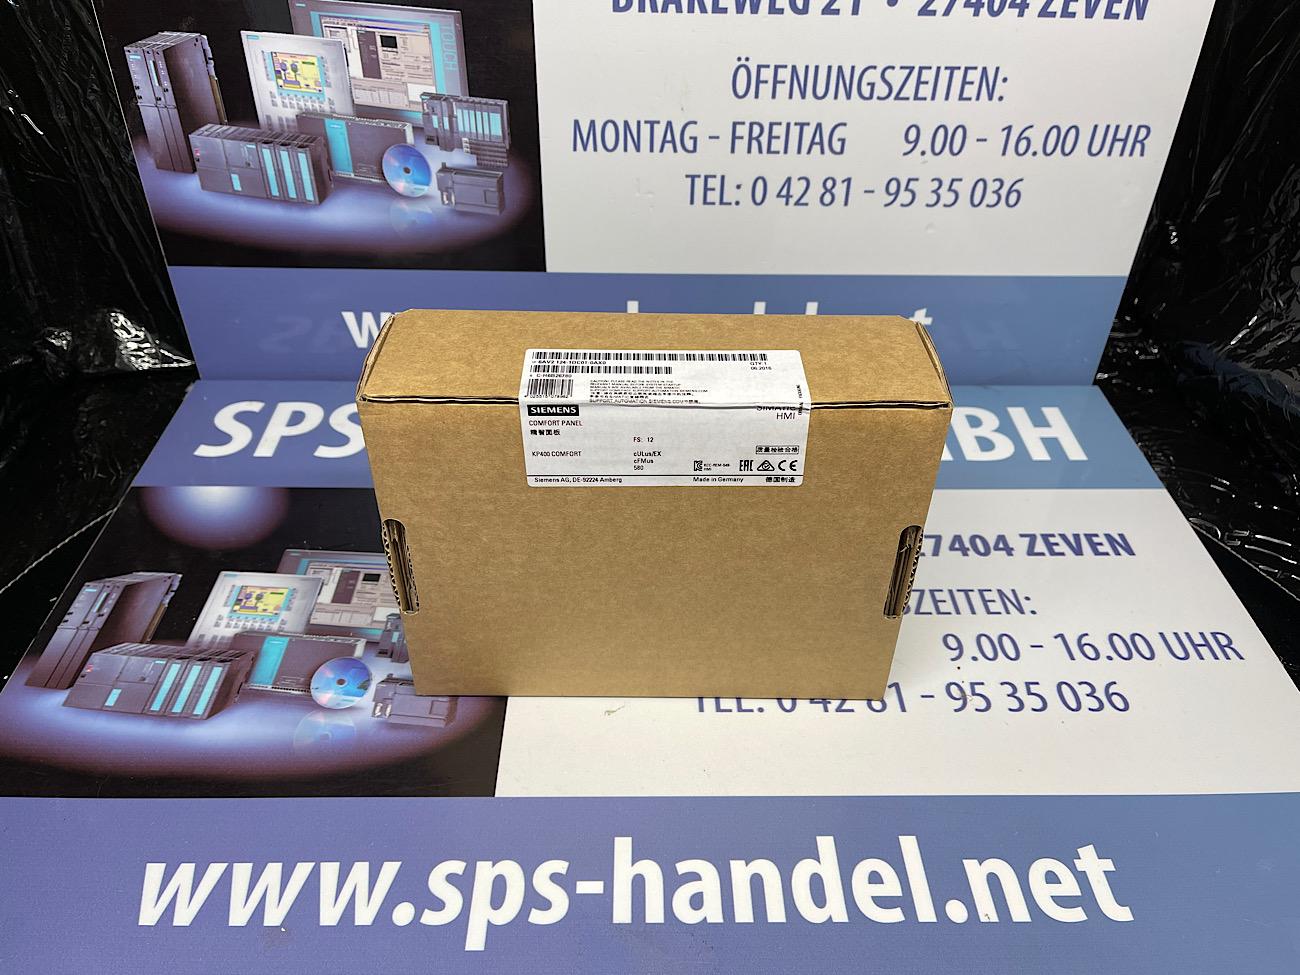 6AV2124-1DC01-0AX0 | KP400 Comfort | Neu Siegel 30%